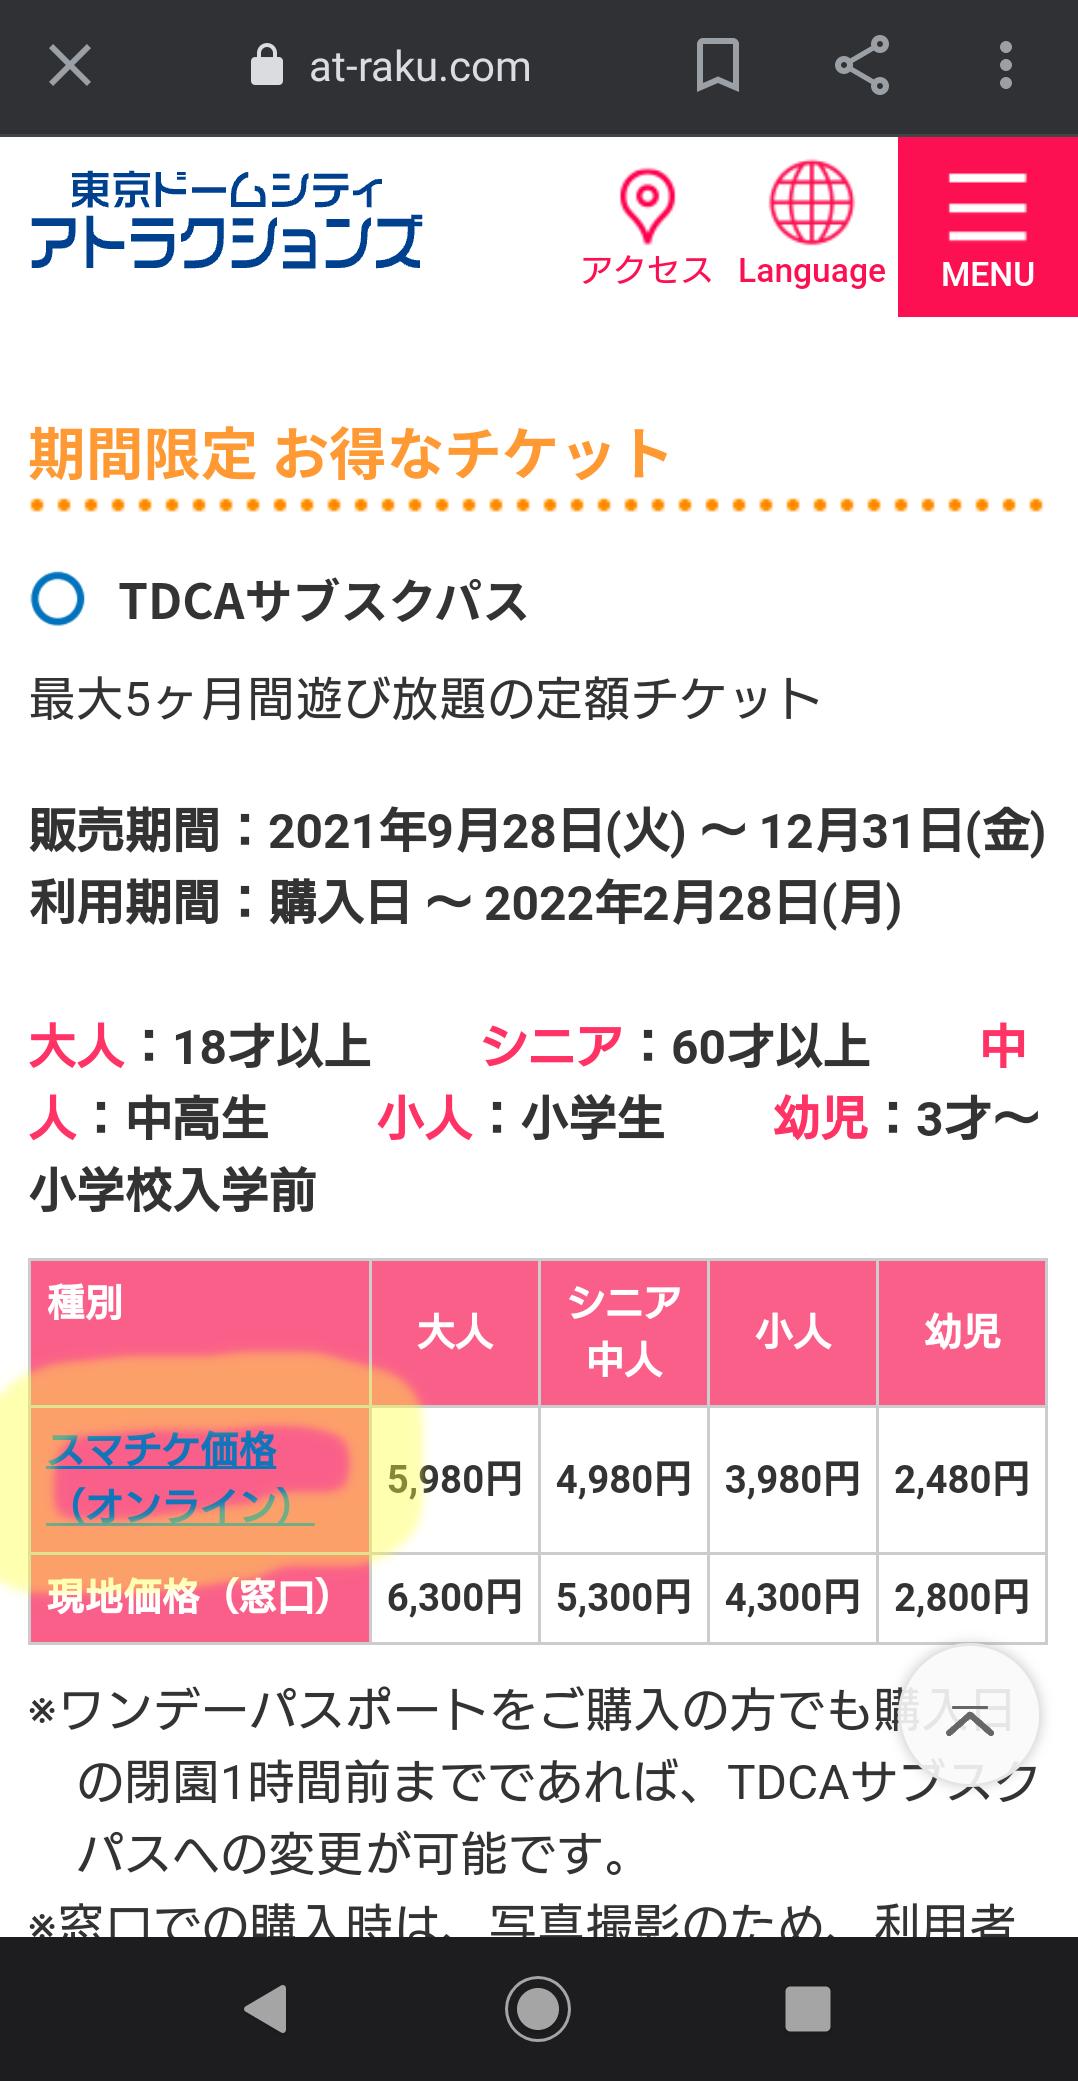 東京ドームシティのサブスクとは?料金比較やネットなどでの買い方も4